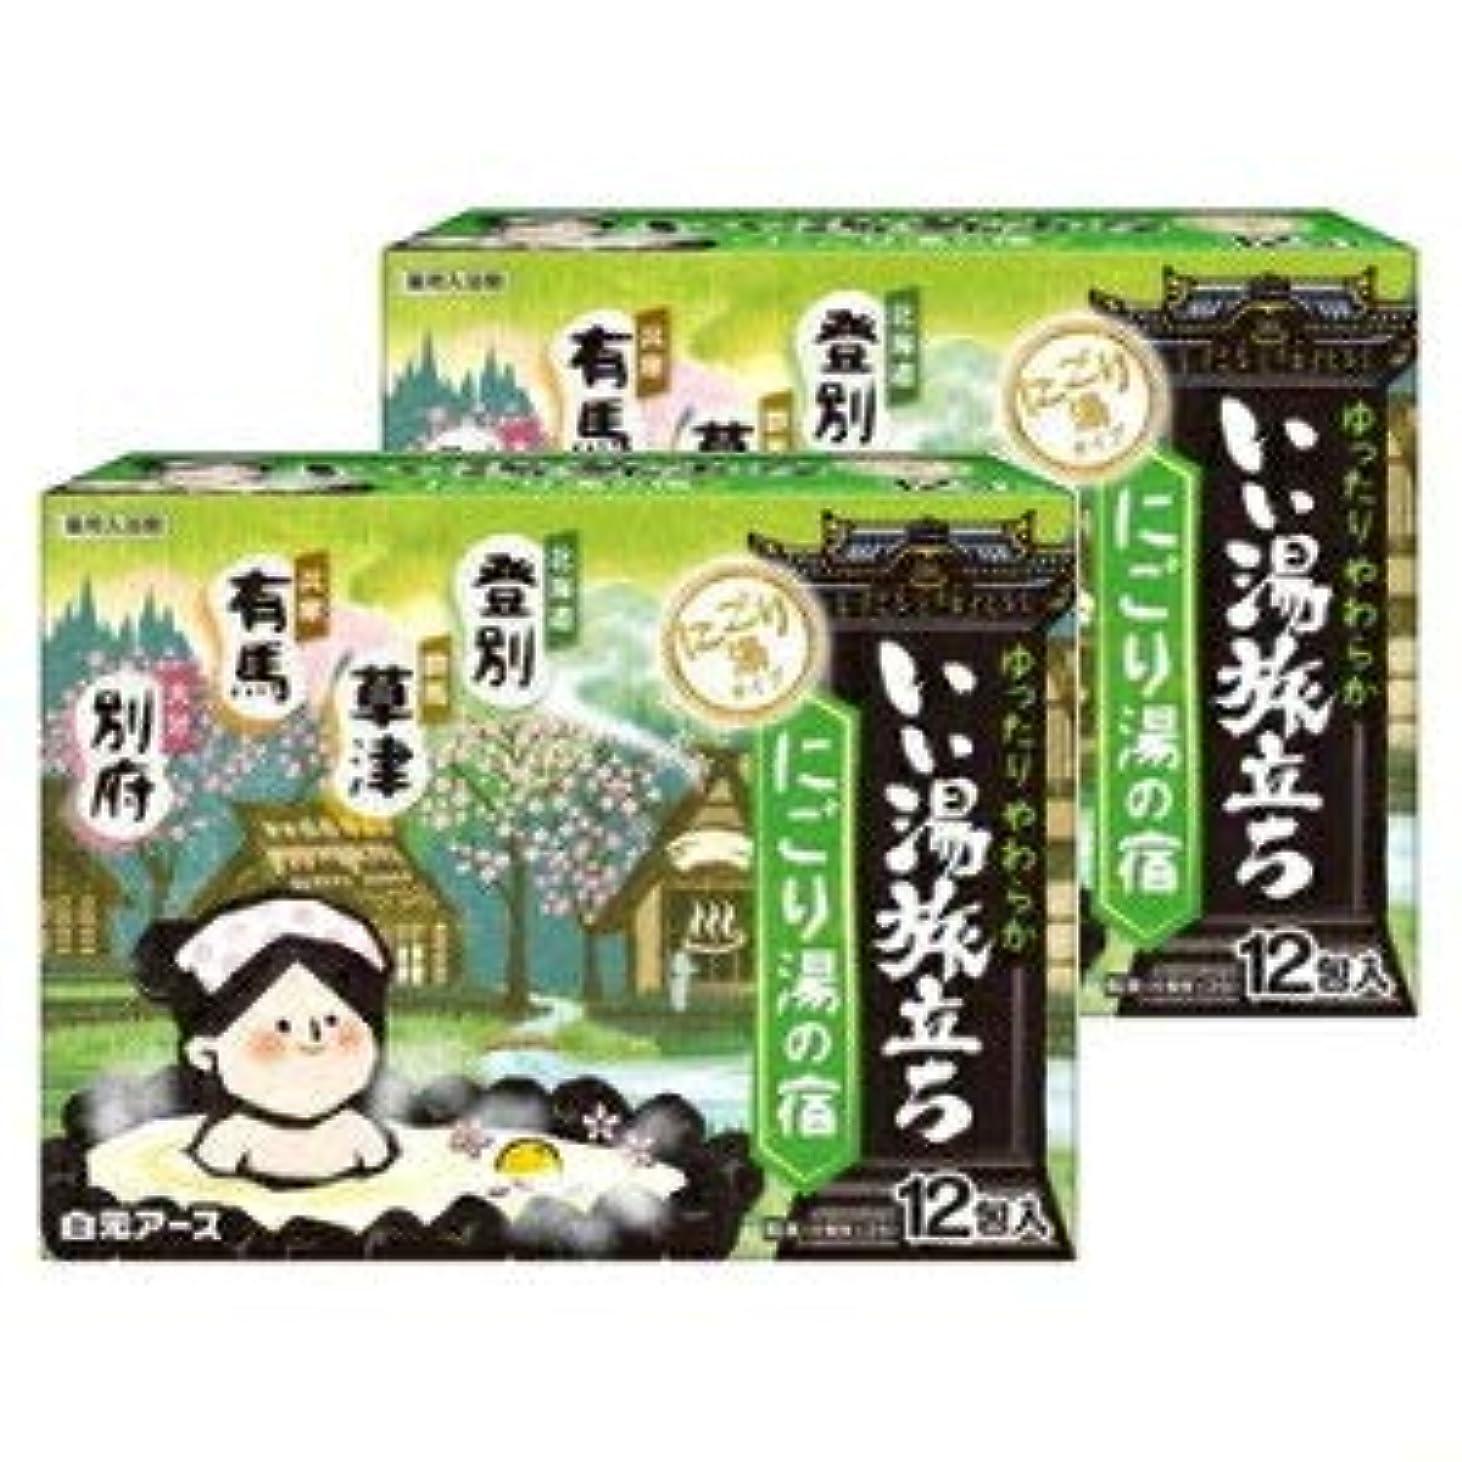 小川肥料相談する薬用入浴剤 いい湯旅立ち にごり湯の宿 4種類×3包入×2箱[医薬部外品]